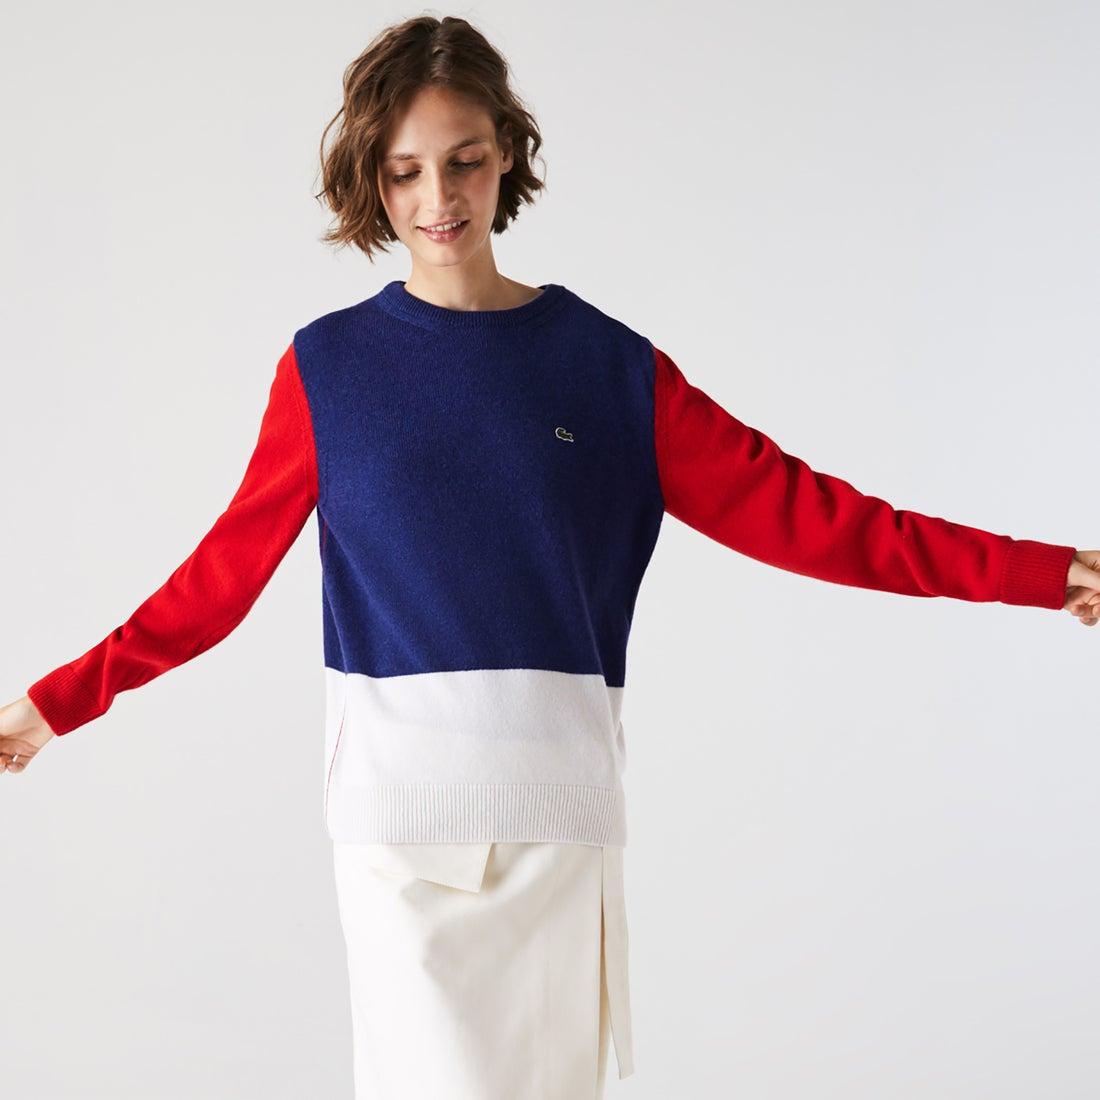 ラコステ LACOSTE Made in France カラーブロックウールセーター (ネイビー)